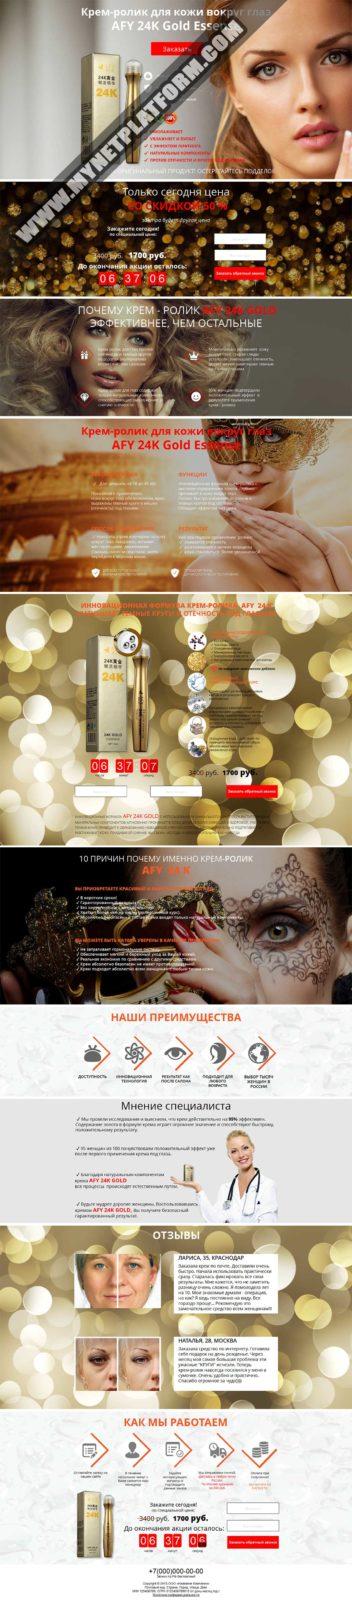 Скриншот лендинга Крем-ролик для кожи вокруг глаз AFY 24K Gold Essense 001